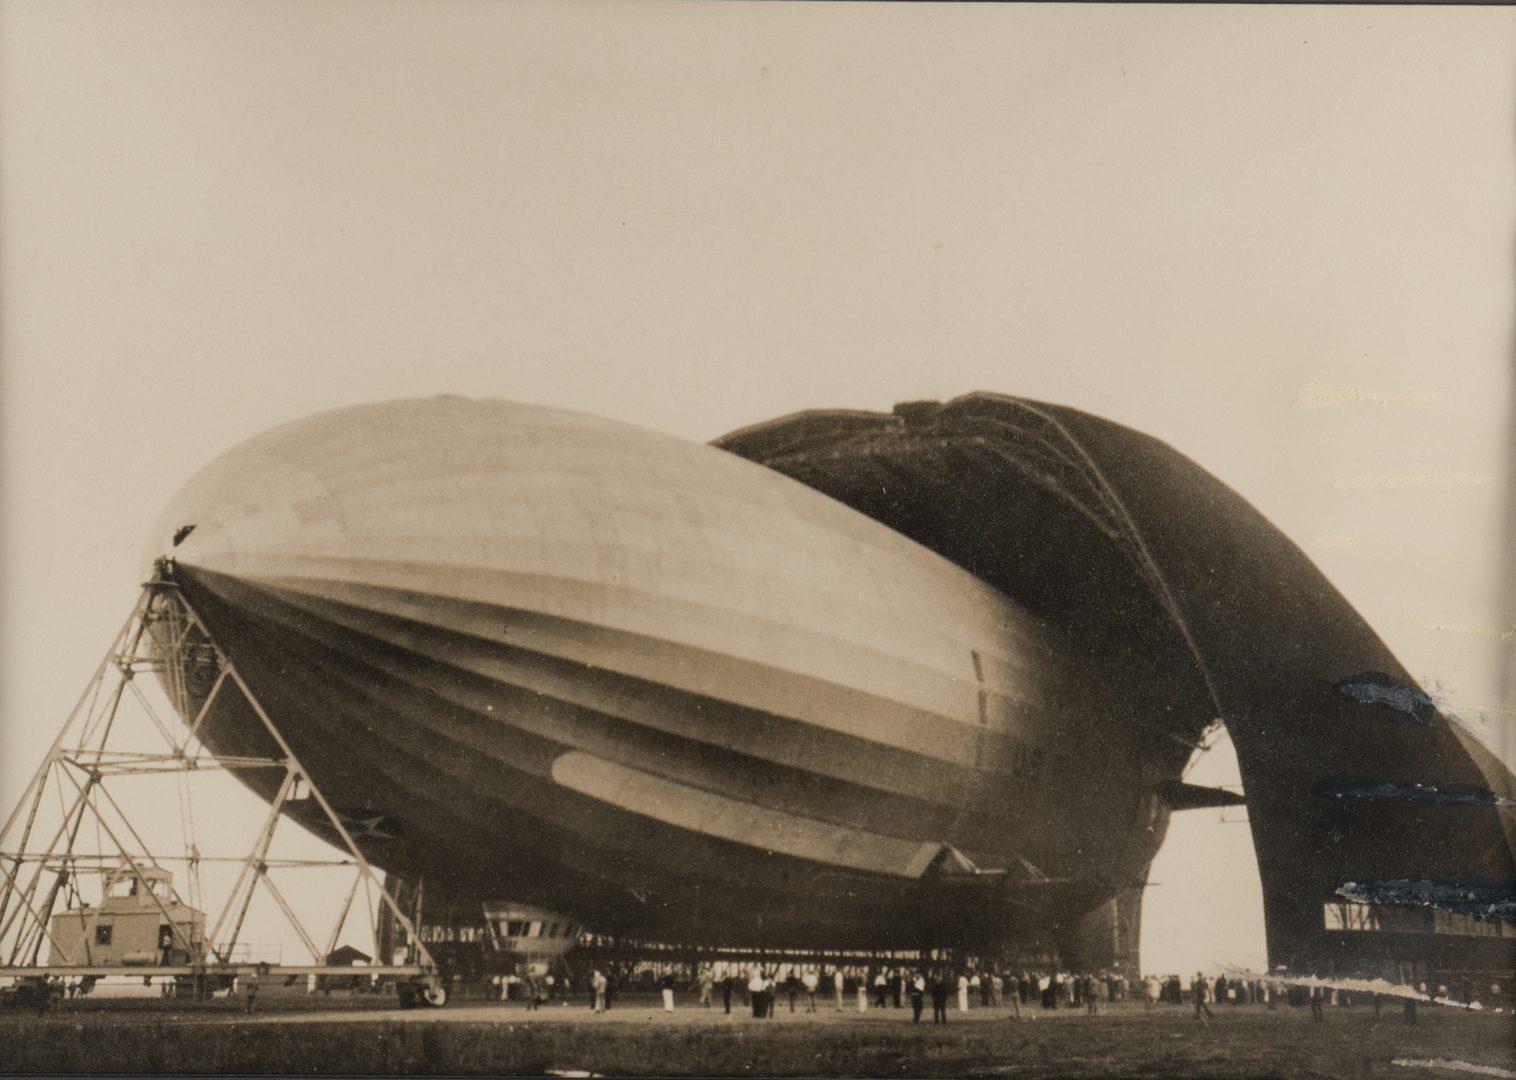 Lot 766: Margaret Bourke-White Zeppelin Photograph